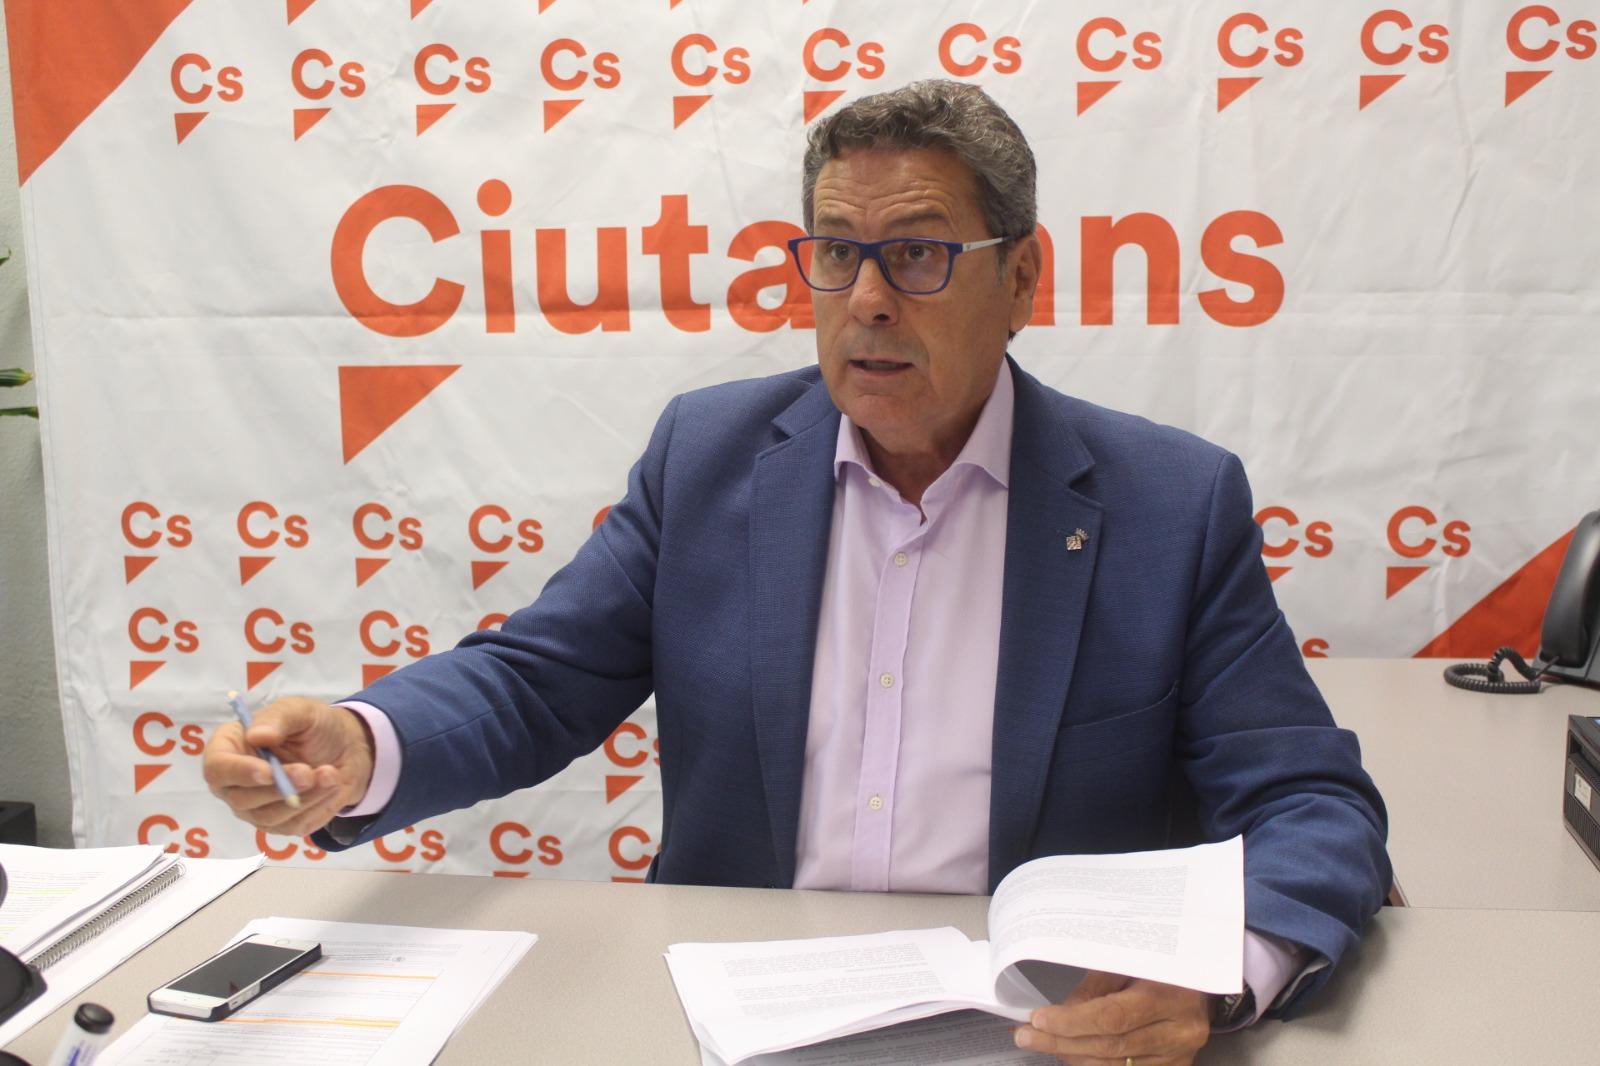 El portavoz de Ciudadanos (Cs) en l'Hospitalet de Llobregat, Miguel García